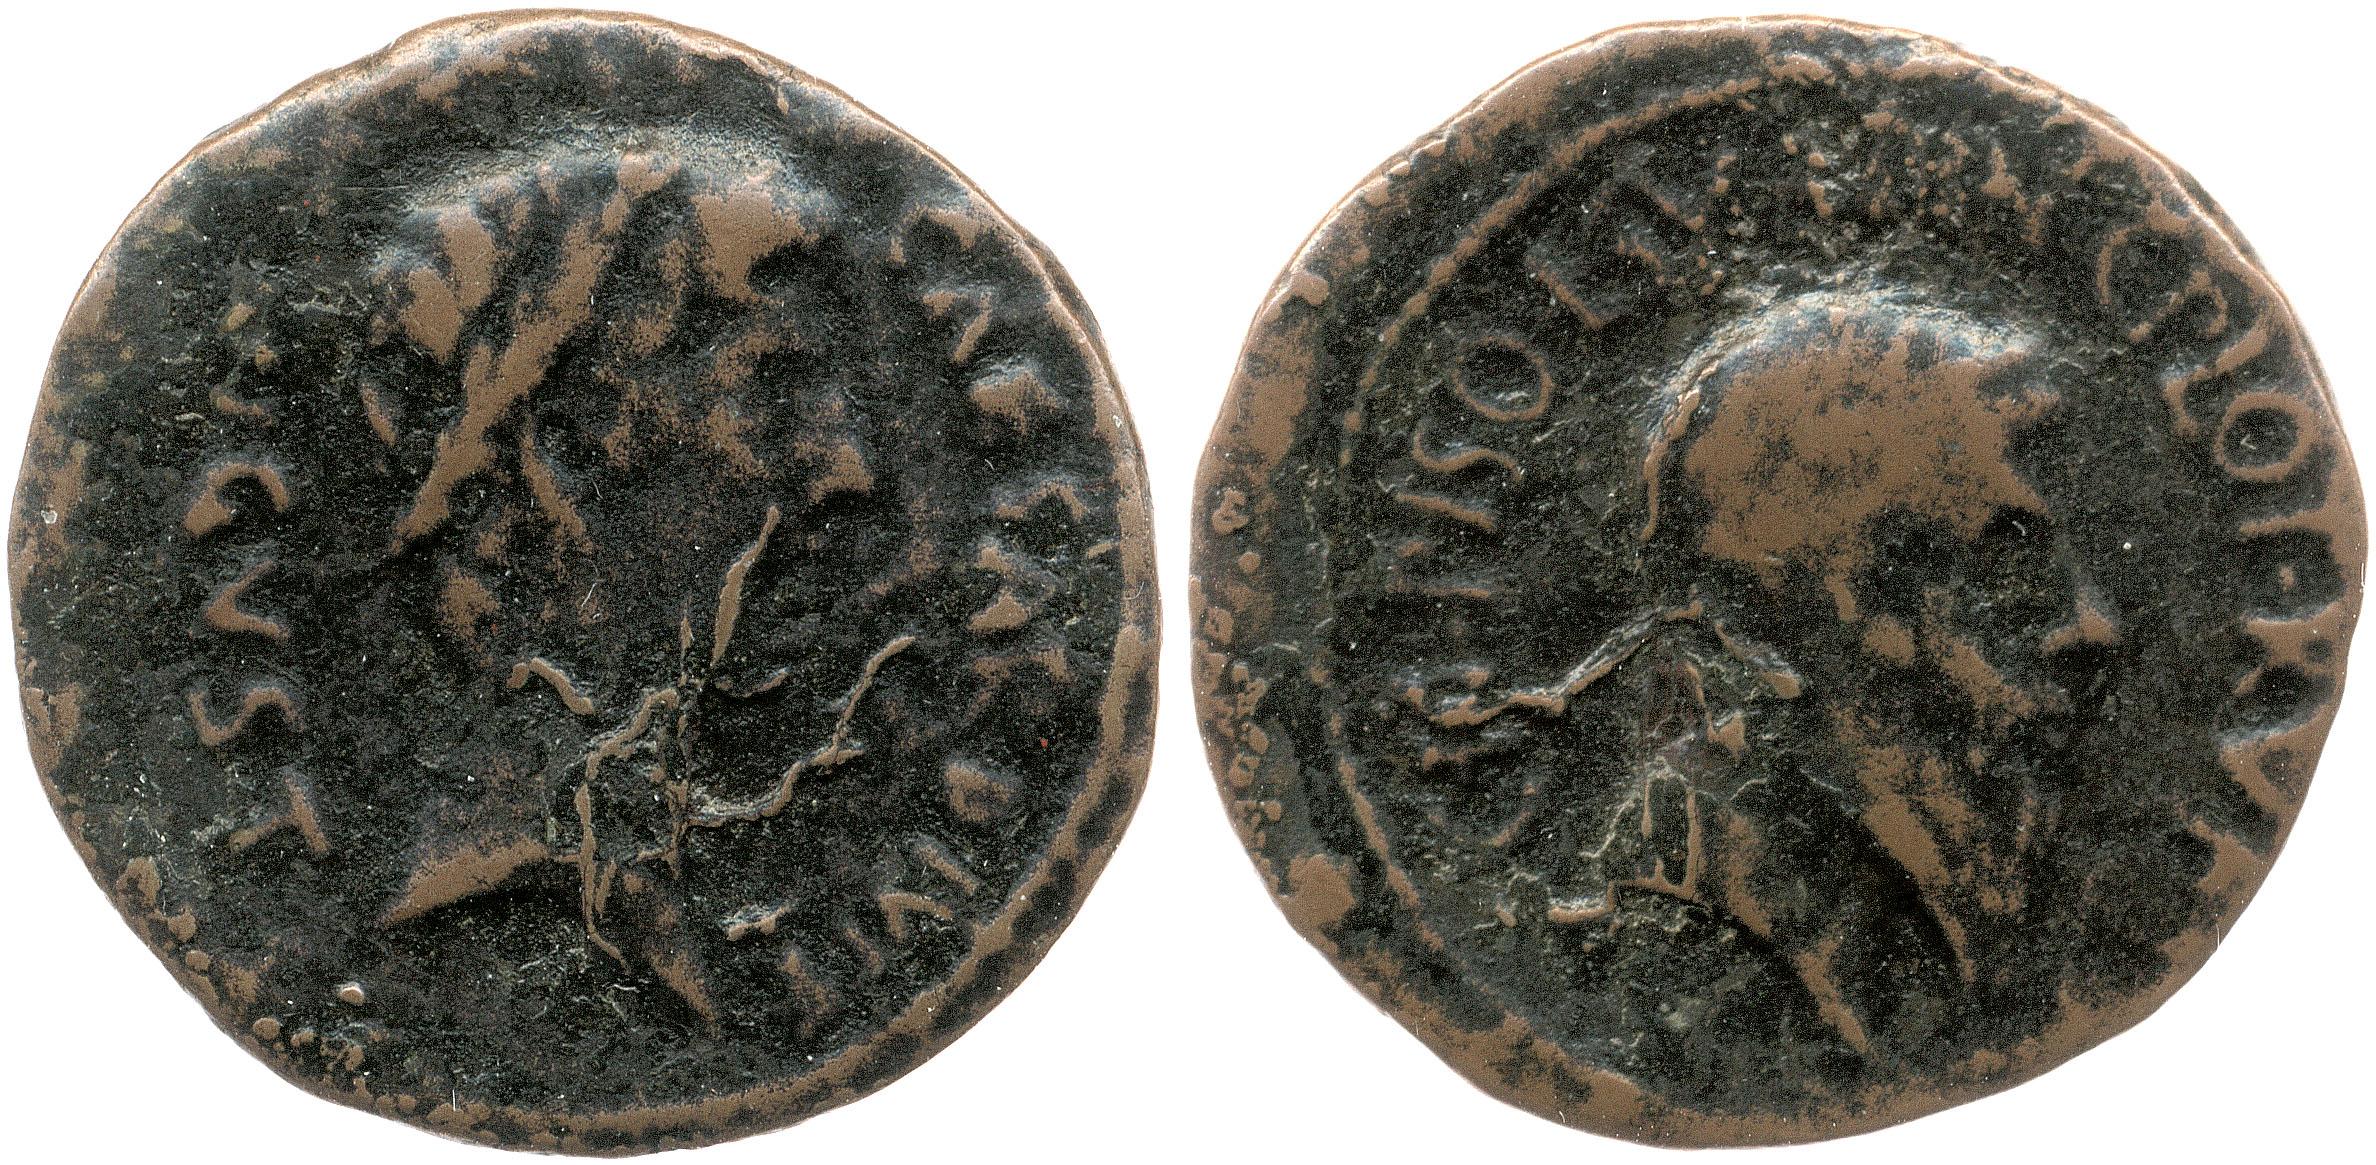 2133AU – As Auguste – Cnaeus Calpurnius Piso